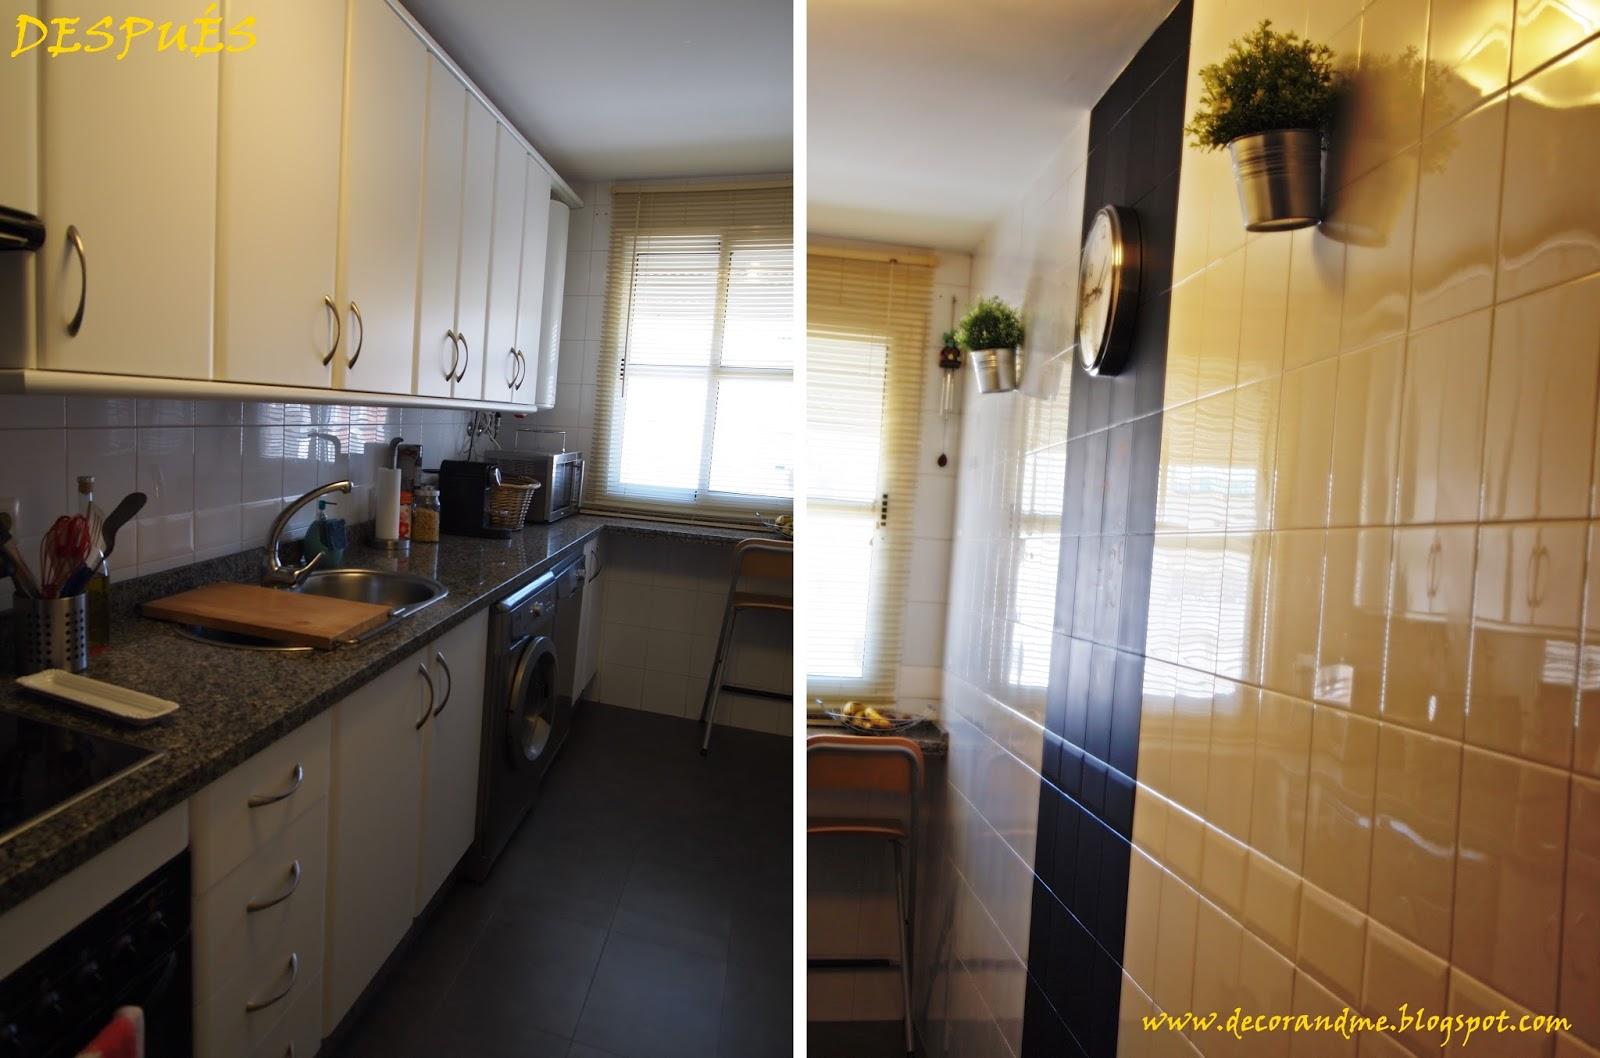 Decor me diy cambia tu cocina por poco dinero - Pintura para azulejos de cocina ...